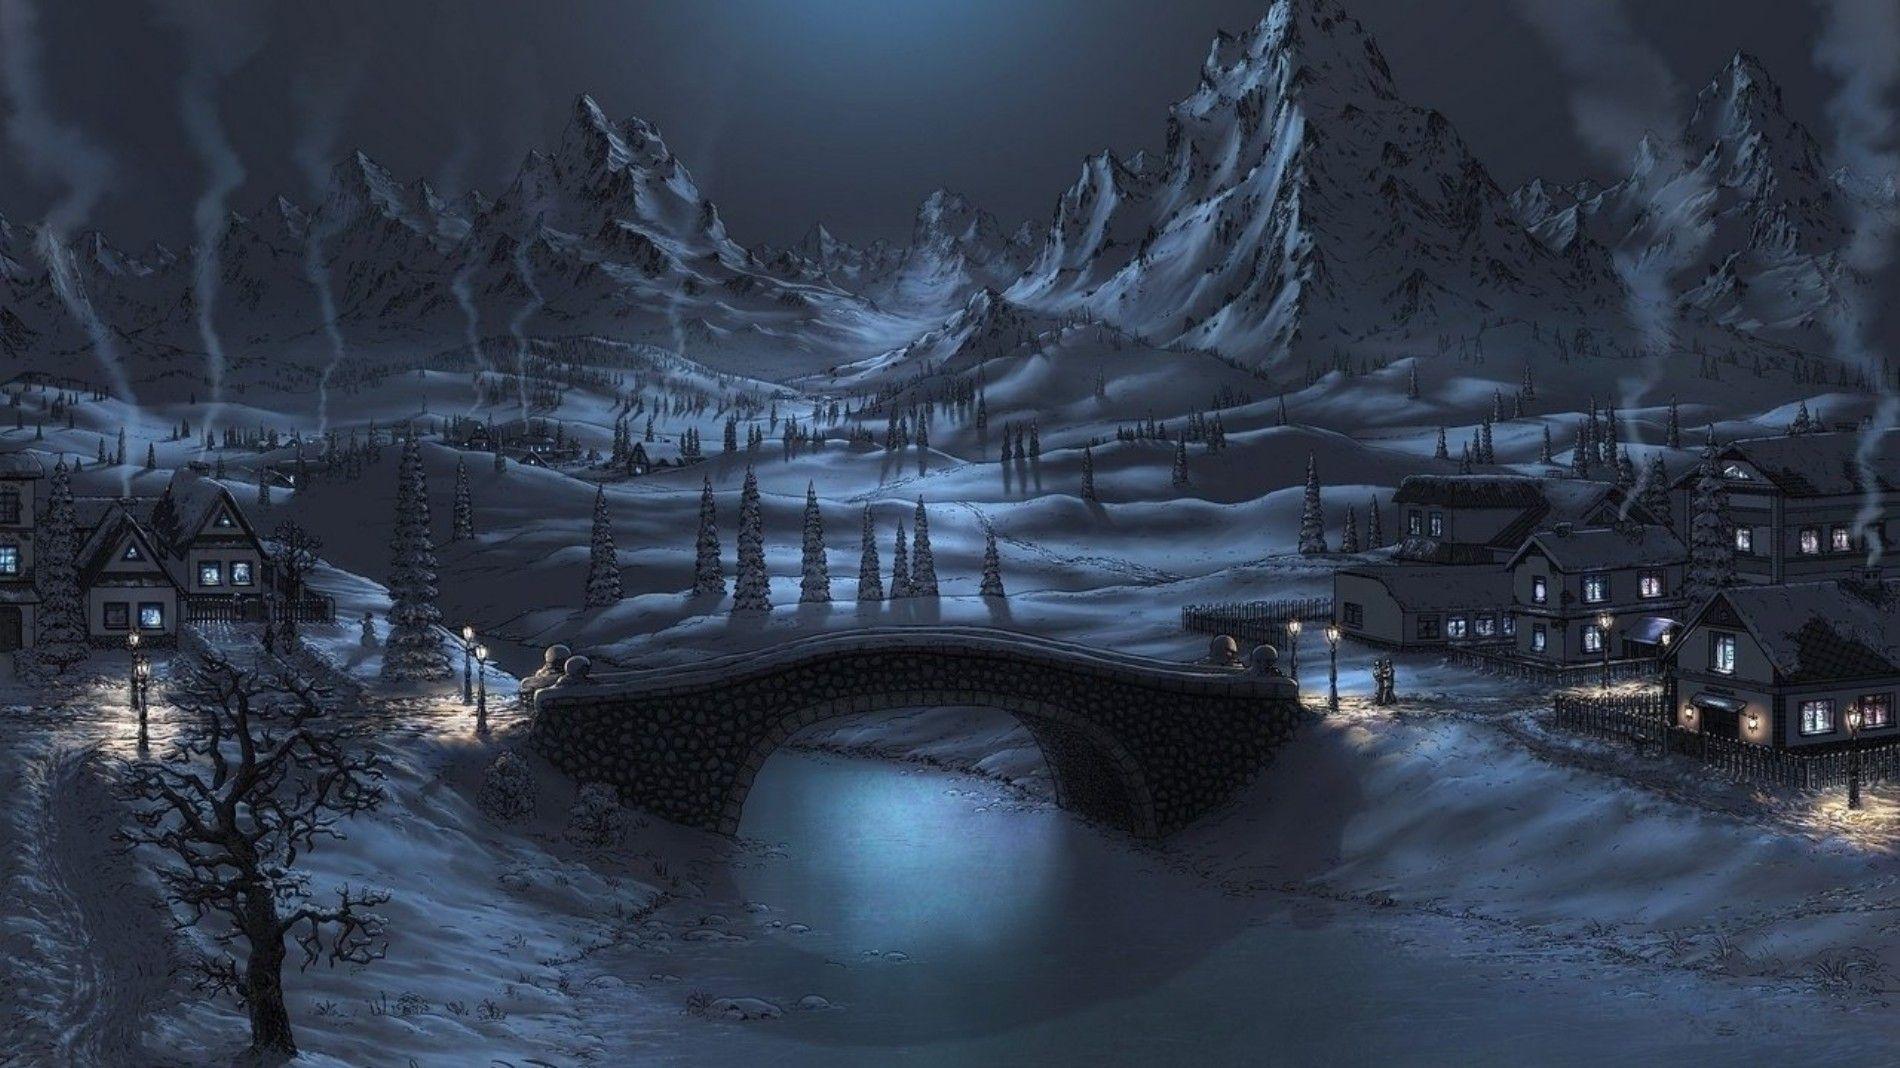 Night Winter Hd Wallpapers Winter Wallpaper Hd Winter Wallpaper Snow Night